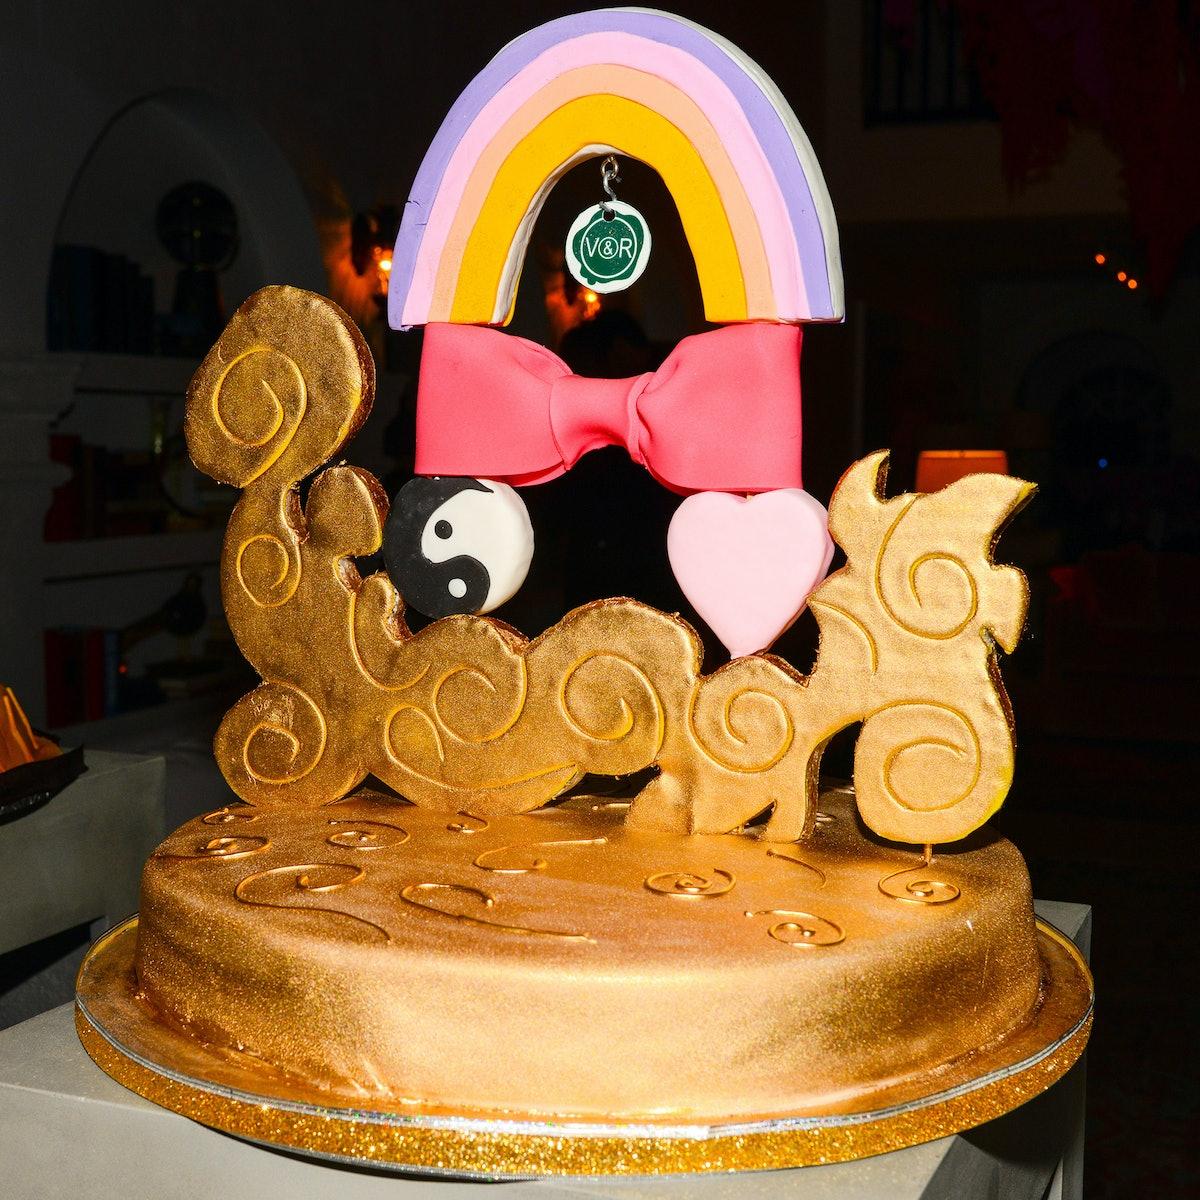 Viktor & Rolf's cake